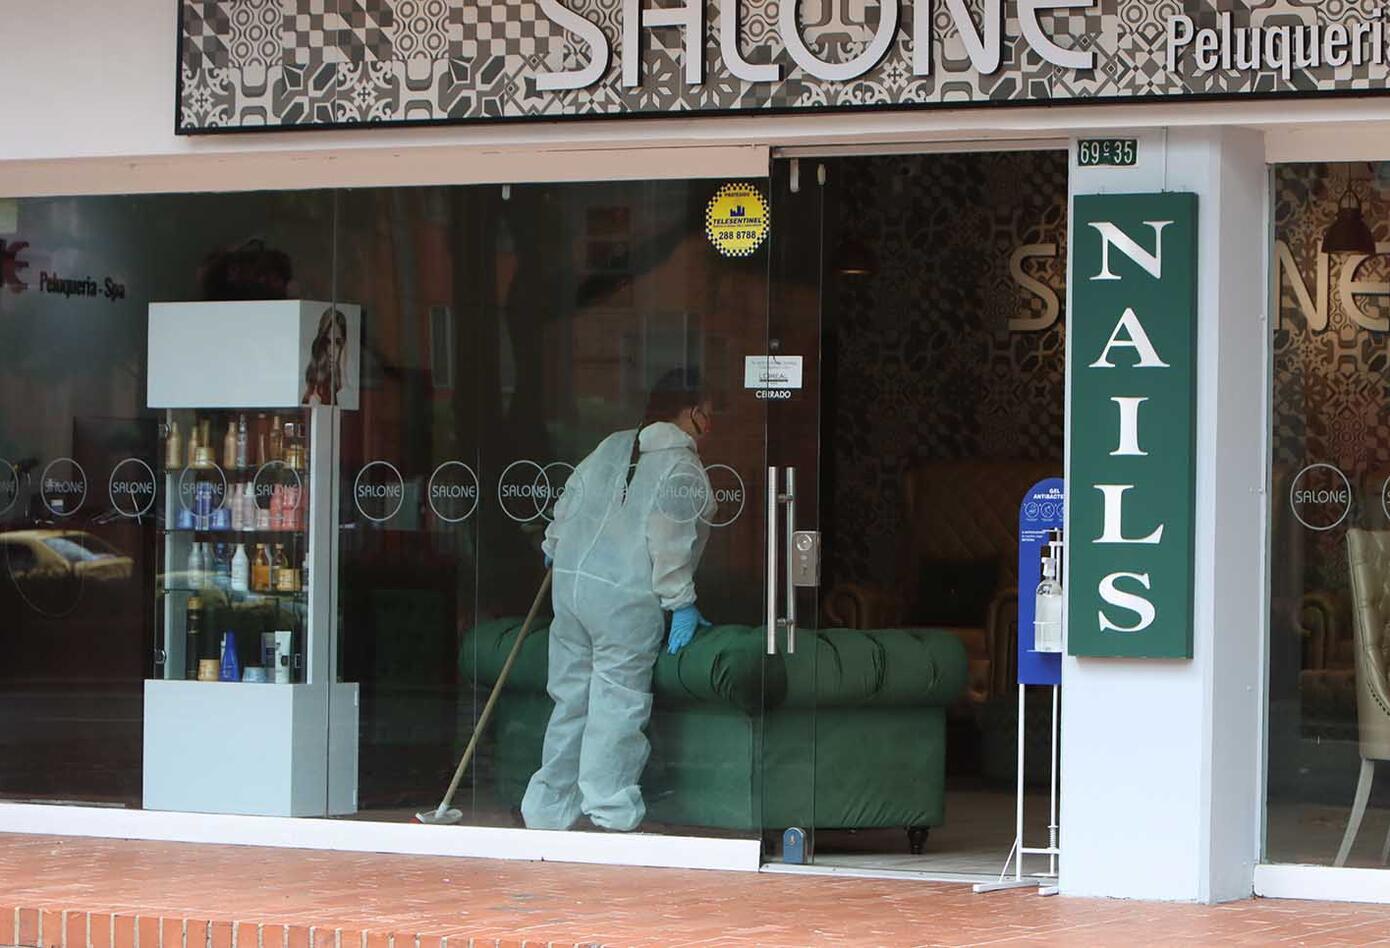 Peluquerías en tiempos de coronavirus en Colombia / Bioseguridad en salones de belleza